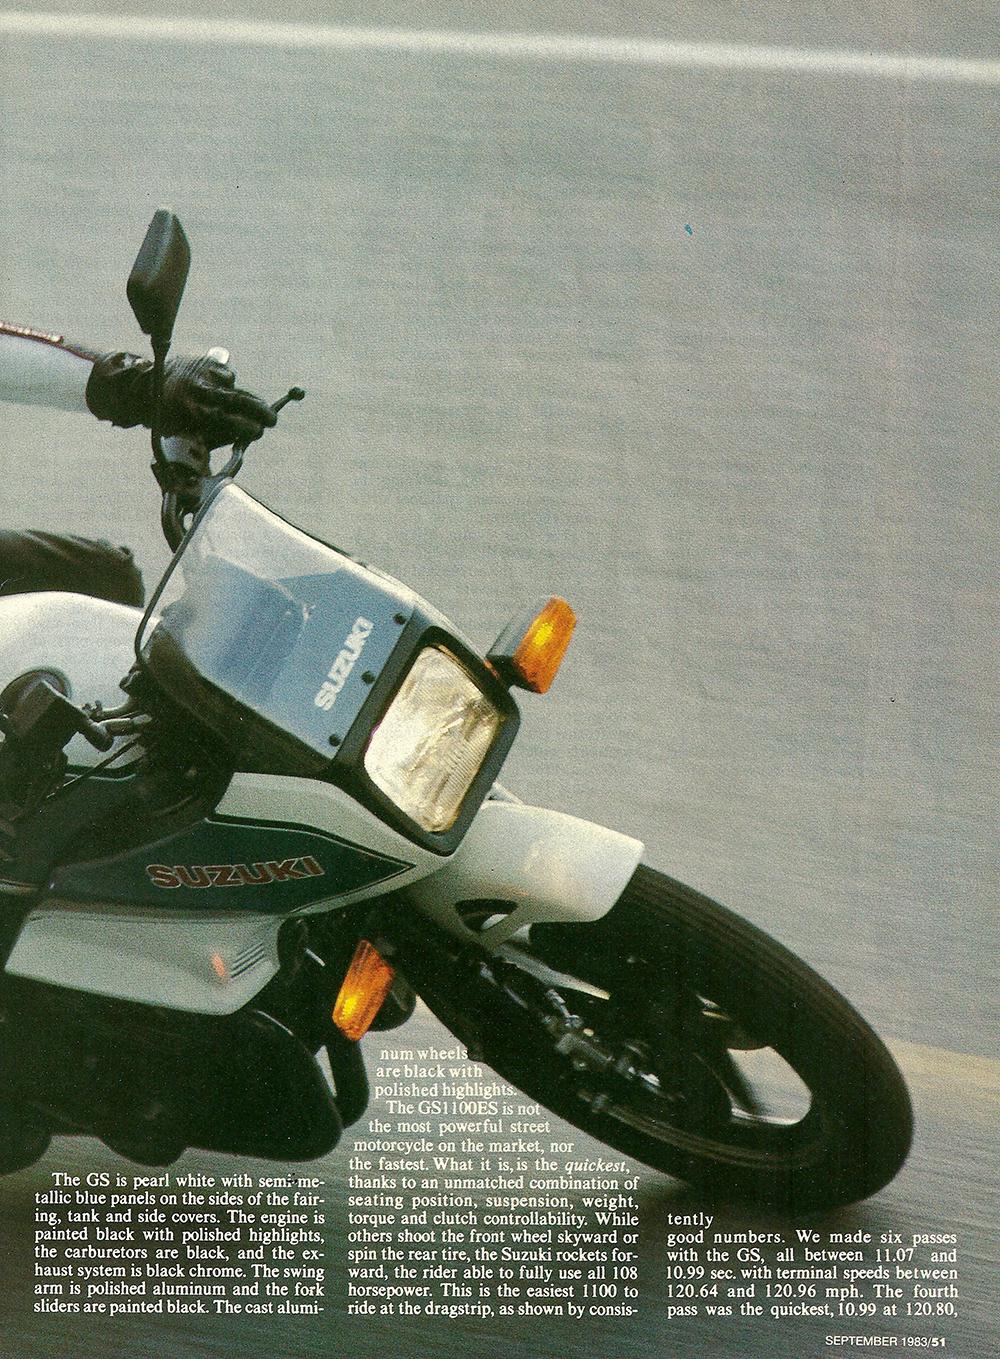 1983 Suzuki GS1100E road test 02.jpg